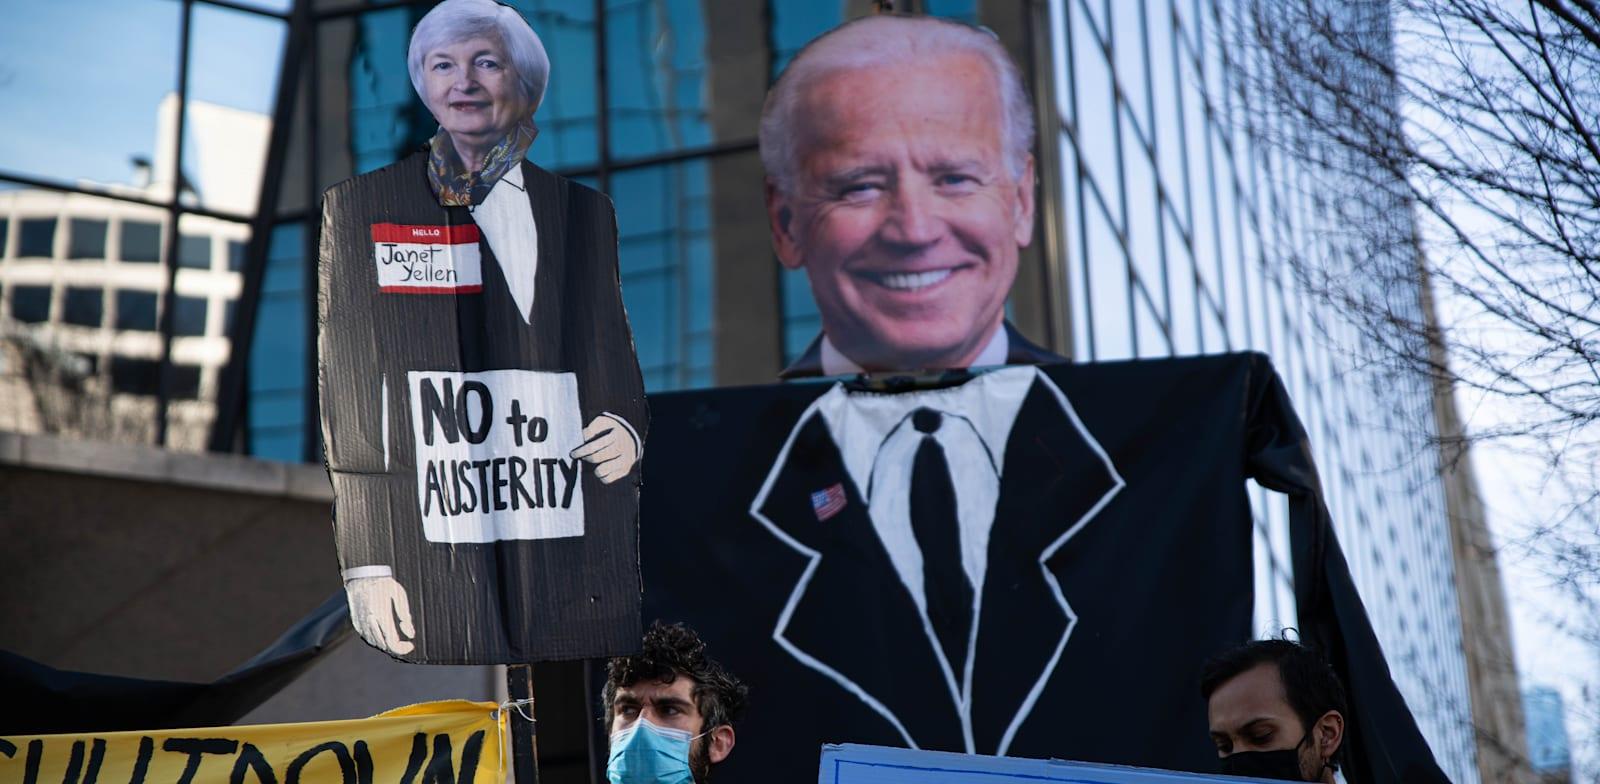 """הפגנה בוושינגטון נגד מדיניות ה""""צנע"""" בדרישה מהממשל שיעביר לאזרחים סיוע־קורונה ישיר, דצמבר / צילום: Reuters, Alejandro Alvarez"""